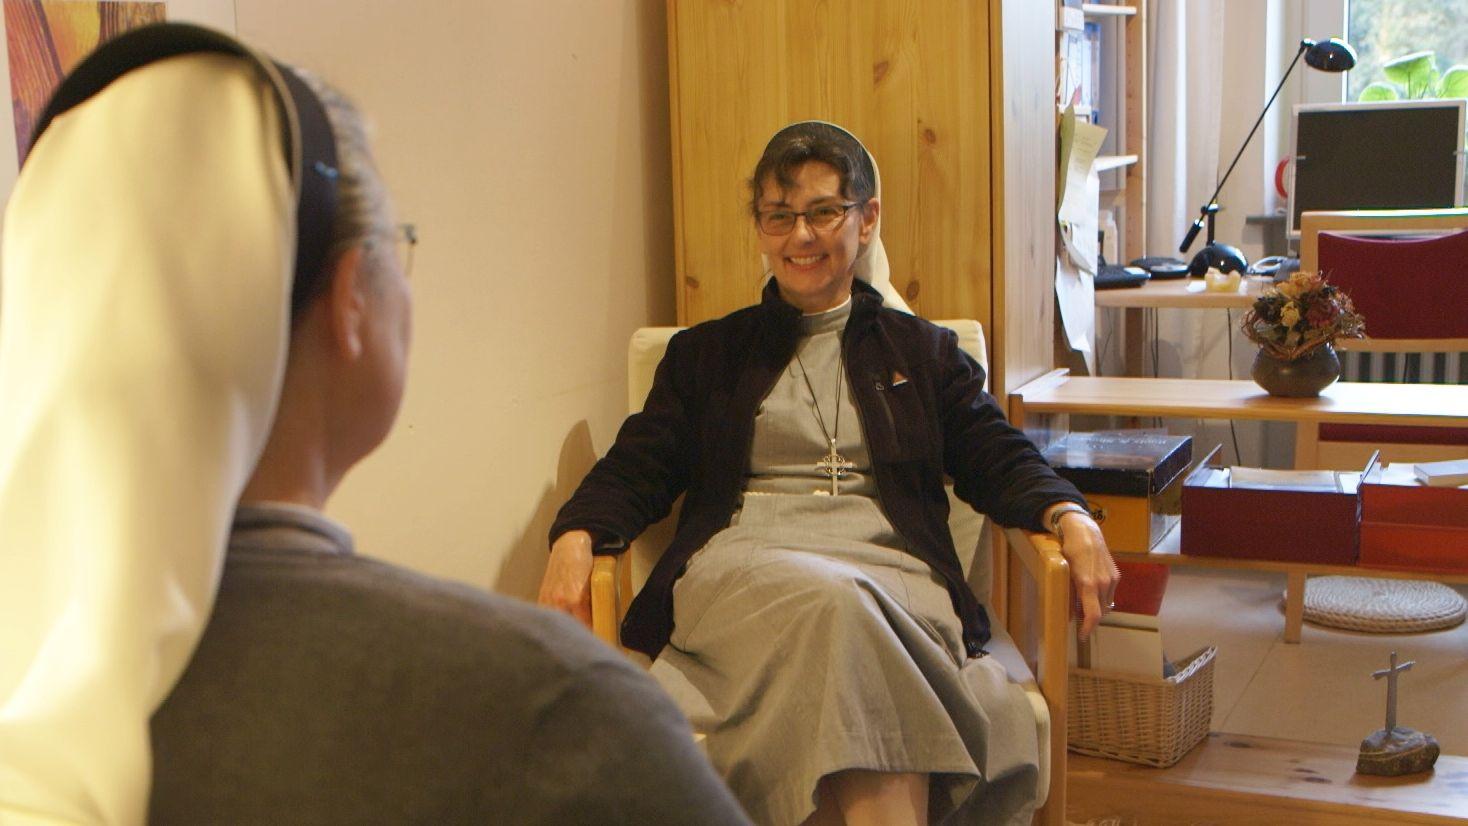 Schwester Susanne, Subpriorin der Communität Christusbruderschaft Selbitz, in ihrem Büro beim Gespräch mit einer Schwester.